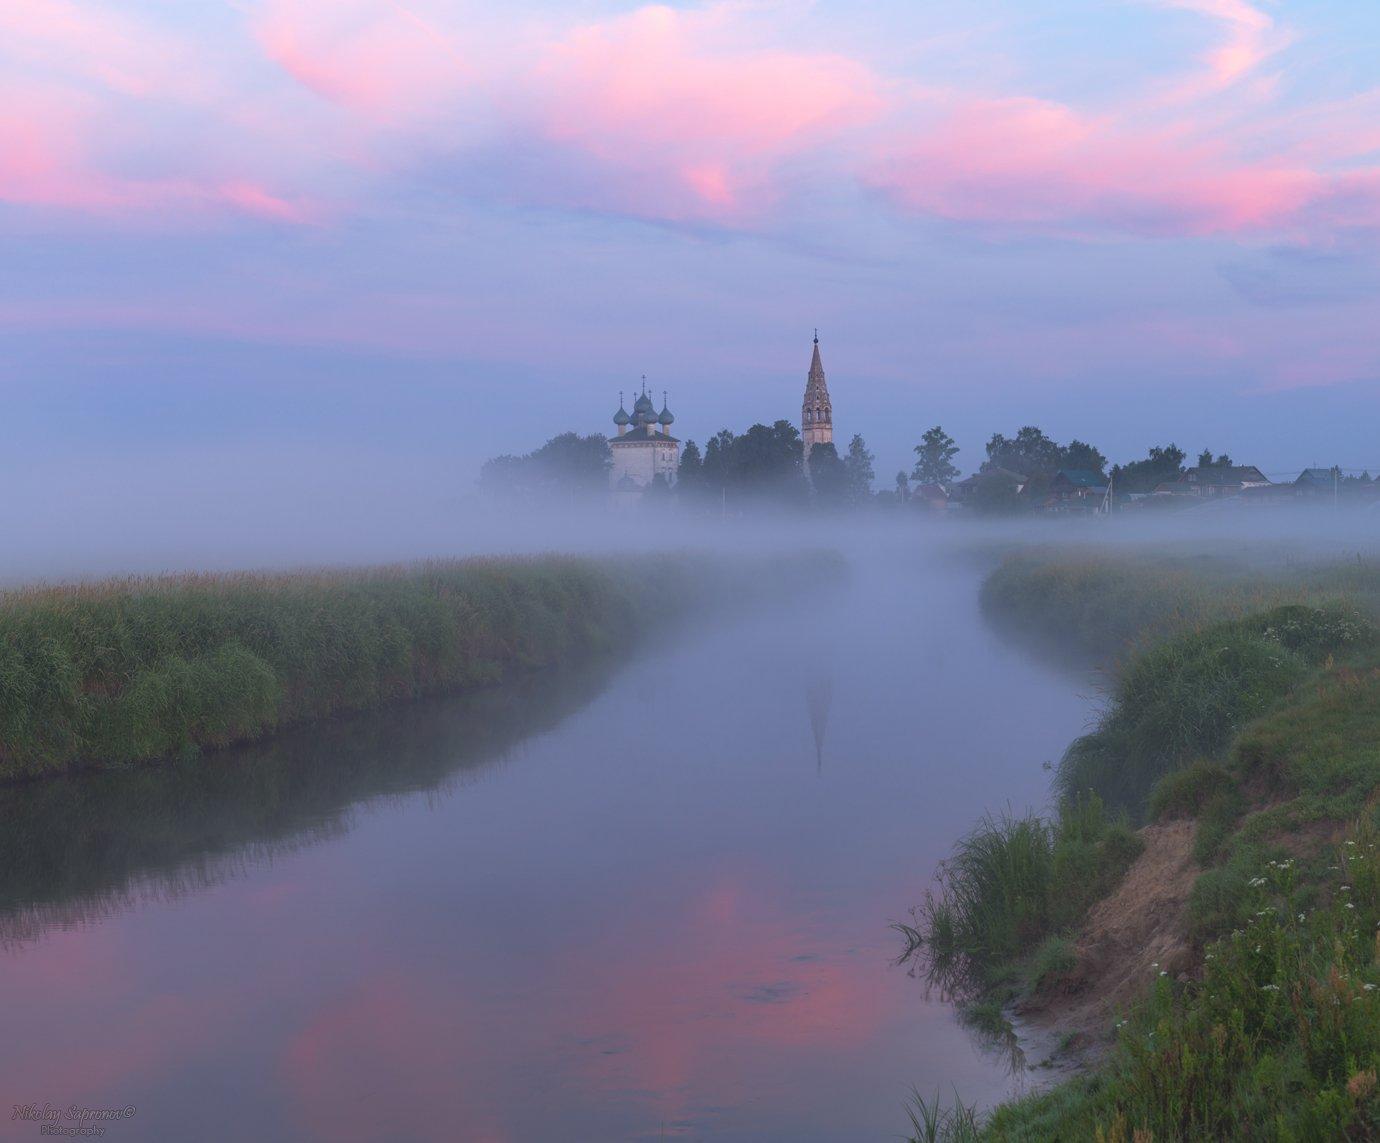 уводь, туман, владимирская область, рассвет, лето, летний пейзаж, Николай Сапронов